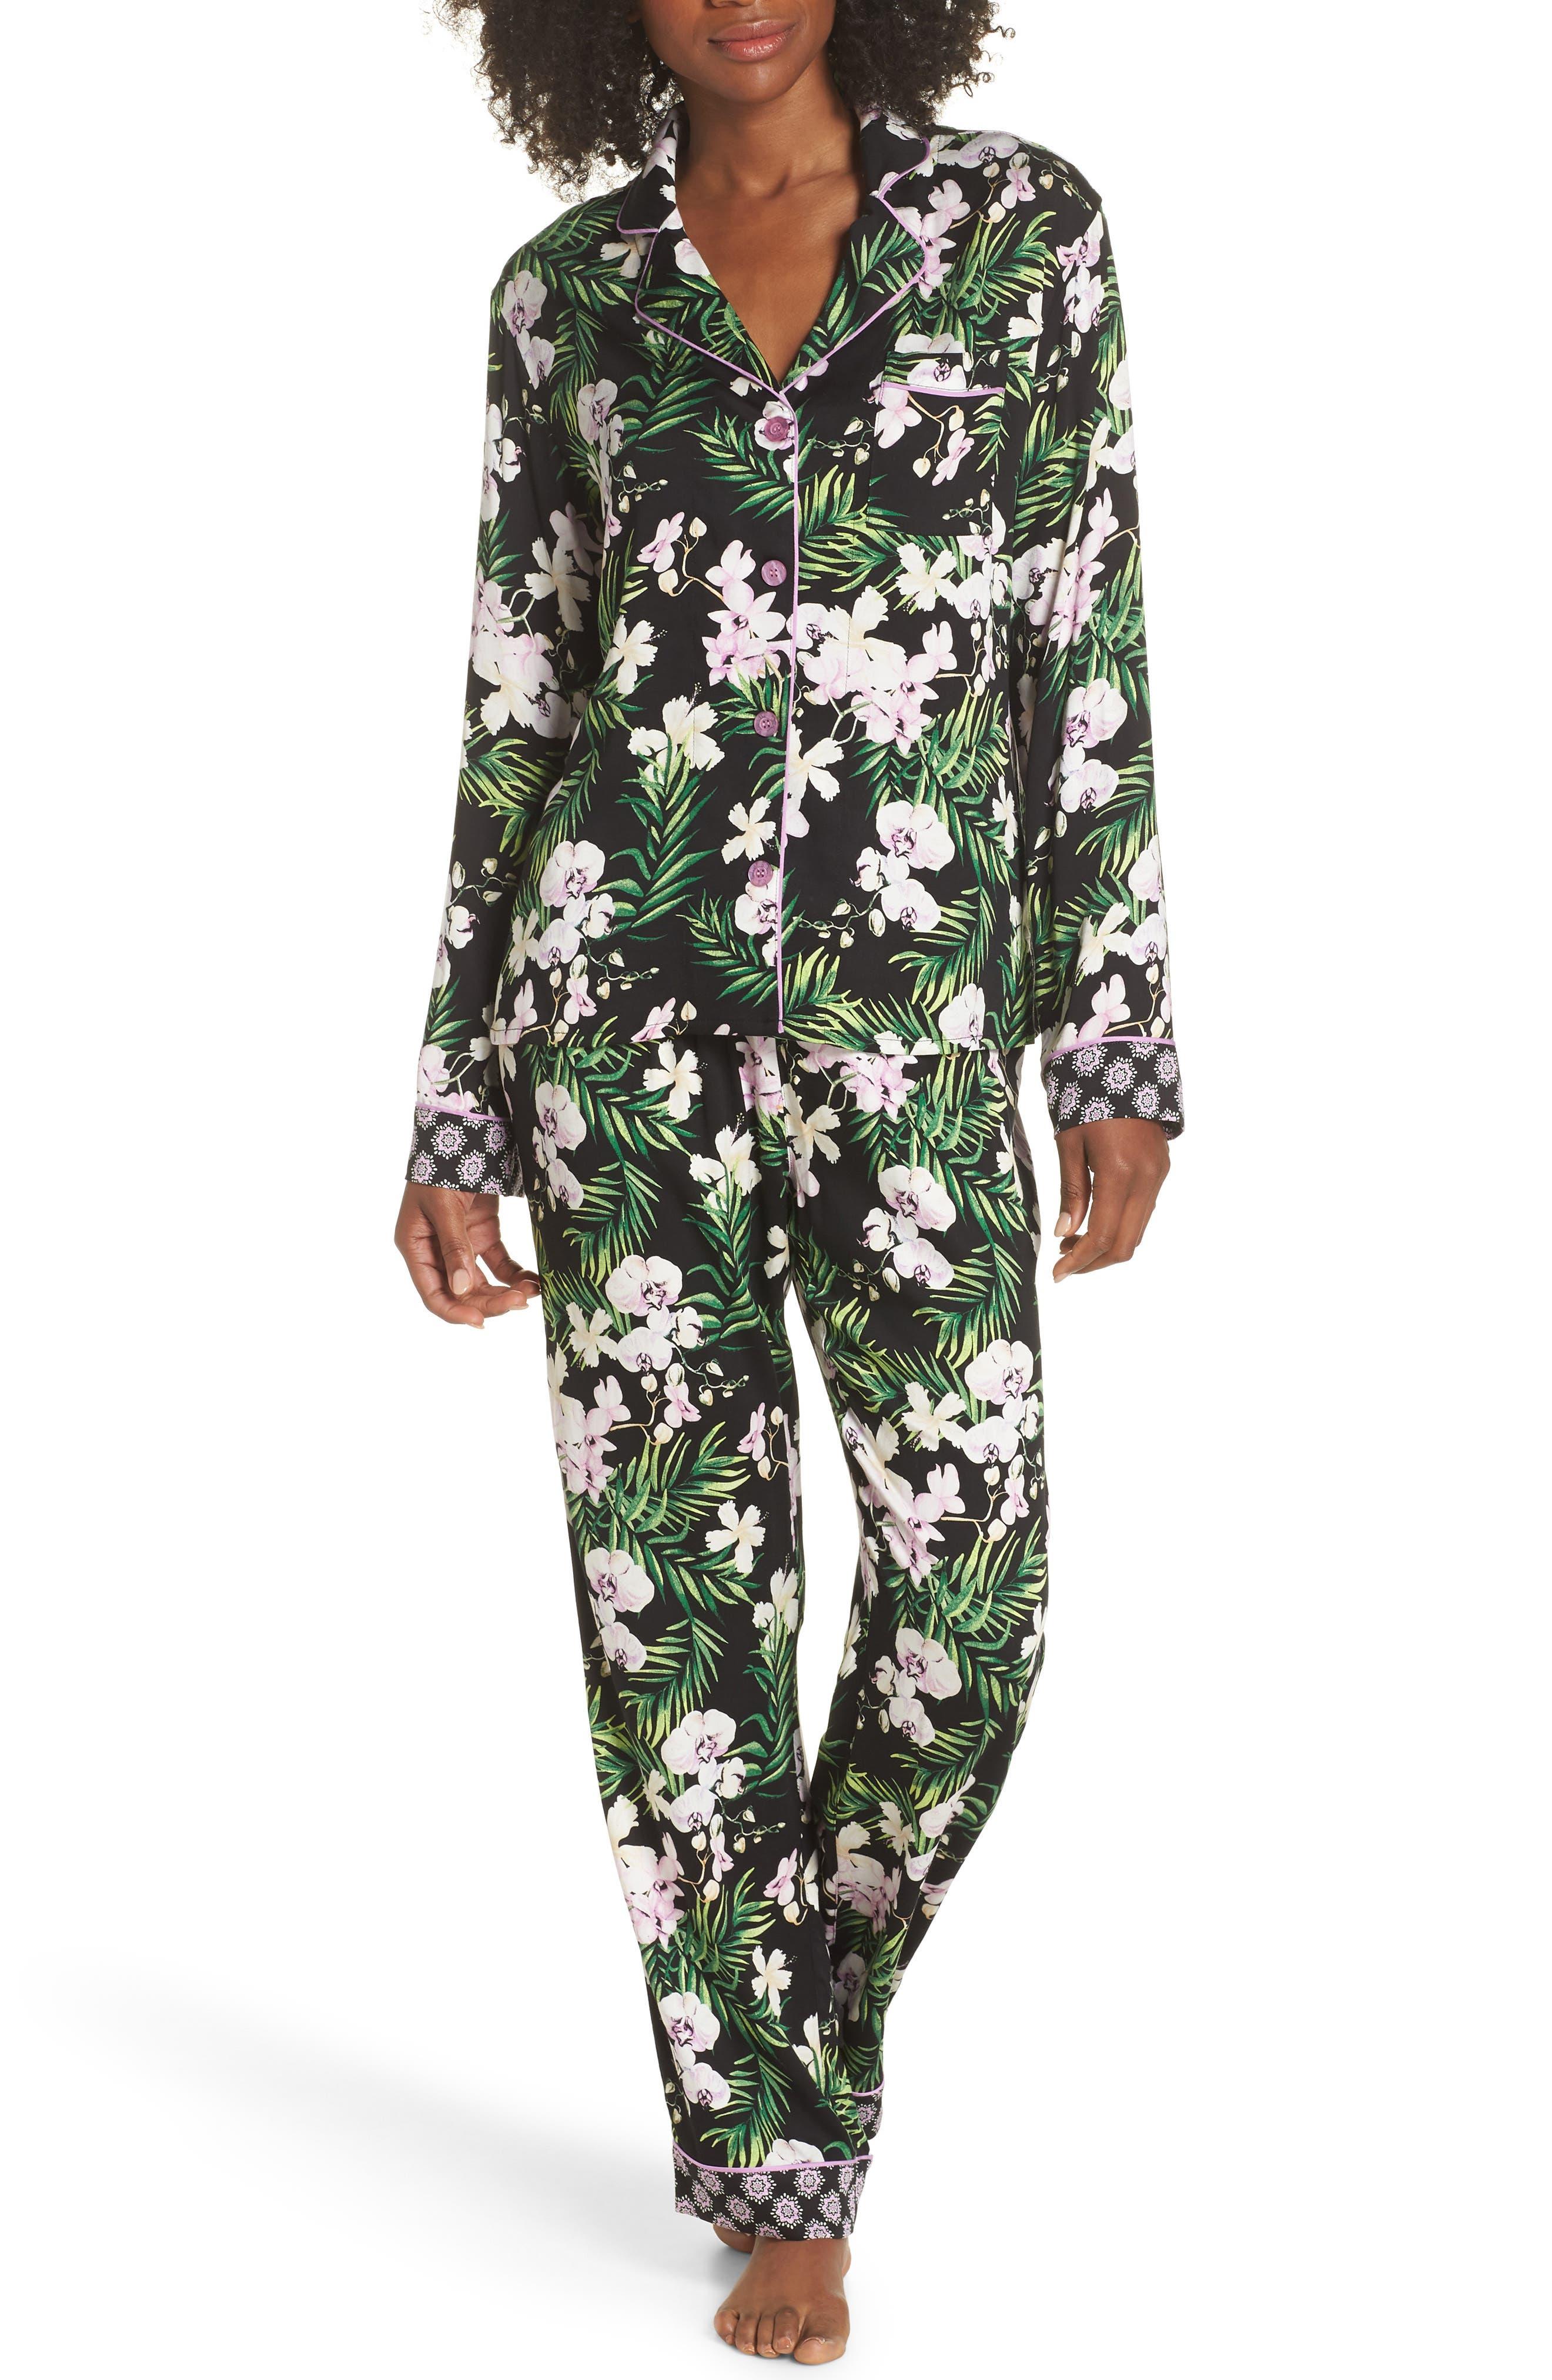 Floral Print Pajamas,                             Main thumbnail 1, color,                             001